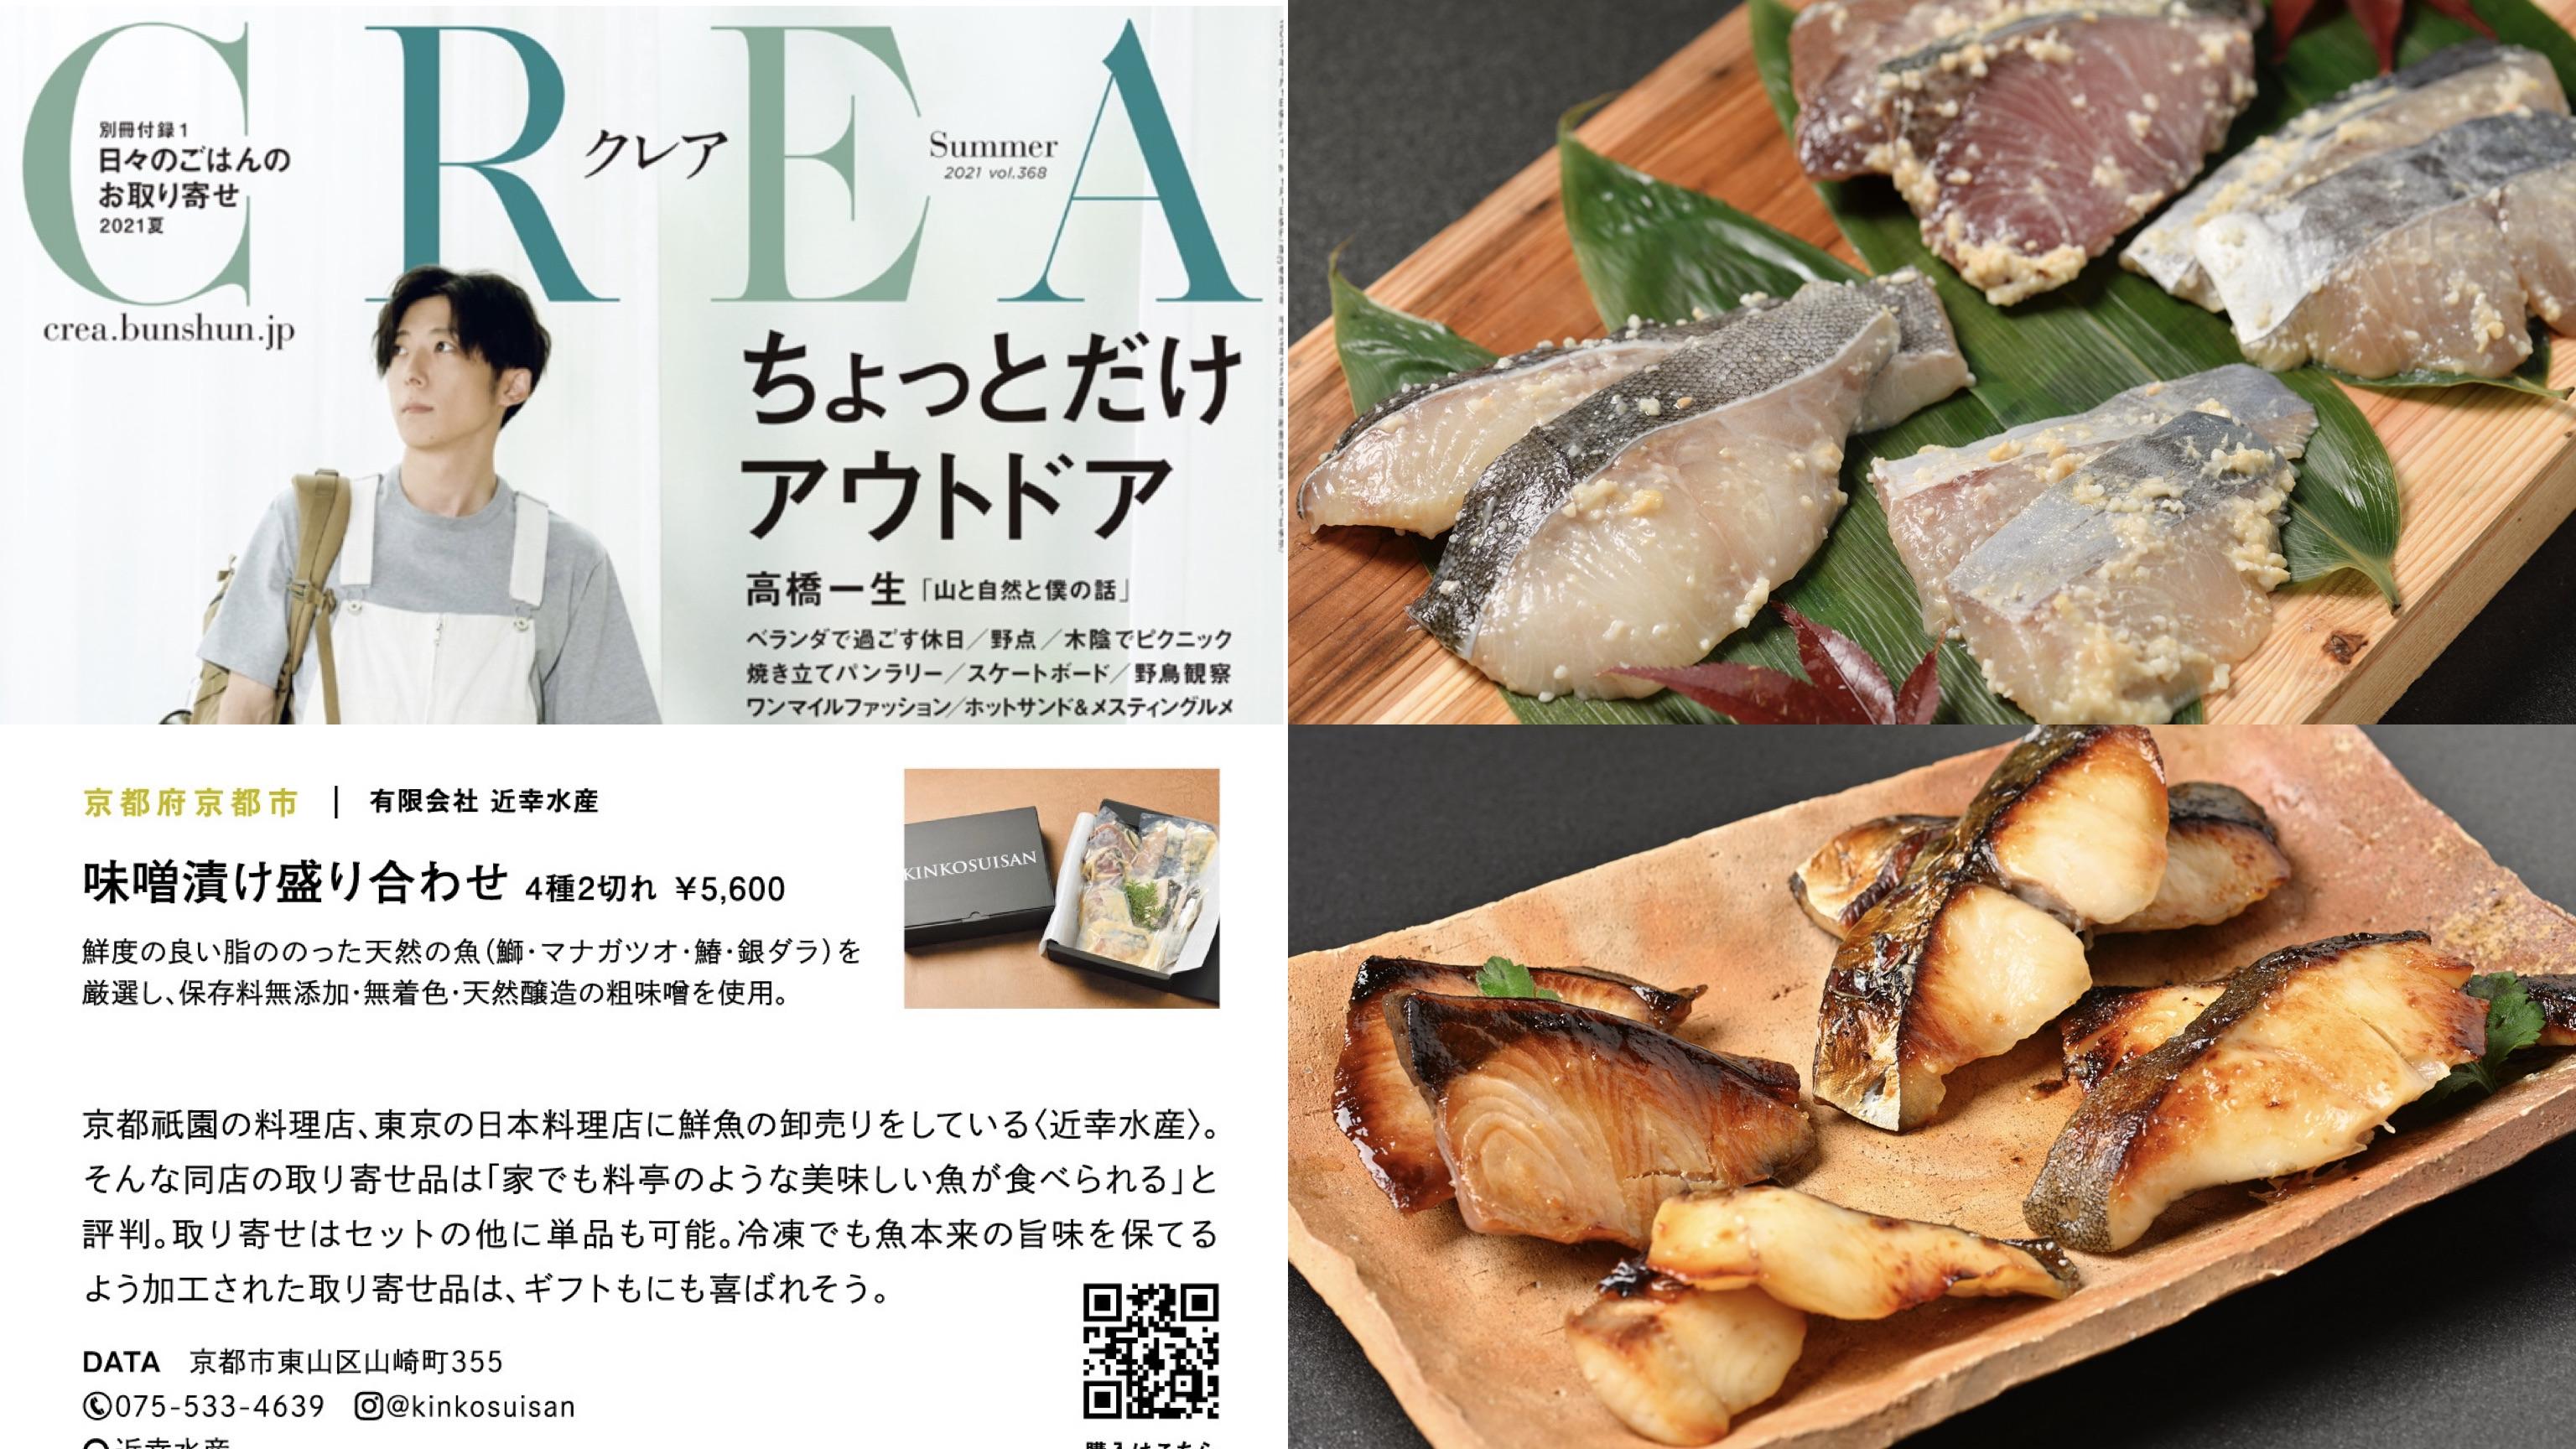 脂ののった天然鮮魚を保存料無添加、無着色、天然醸造の粗味噌で味噌漬けにしています。